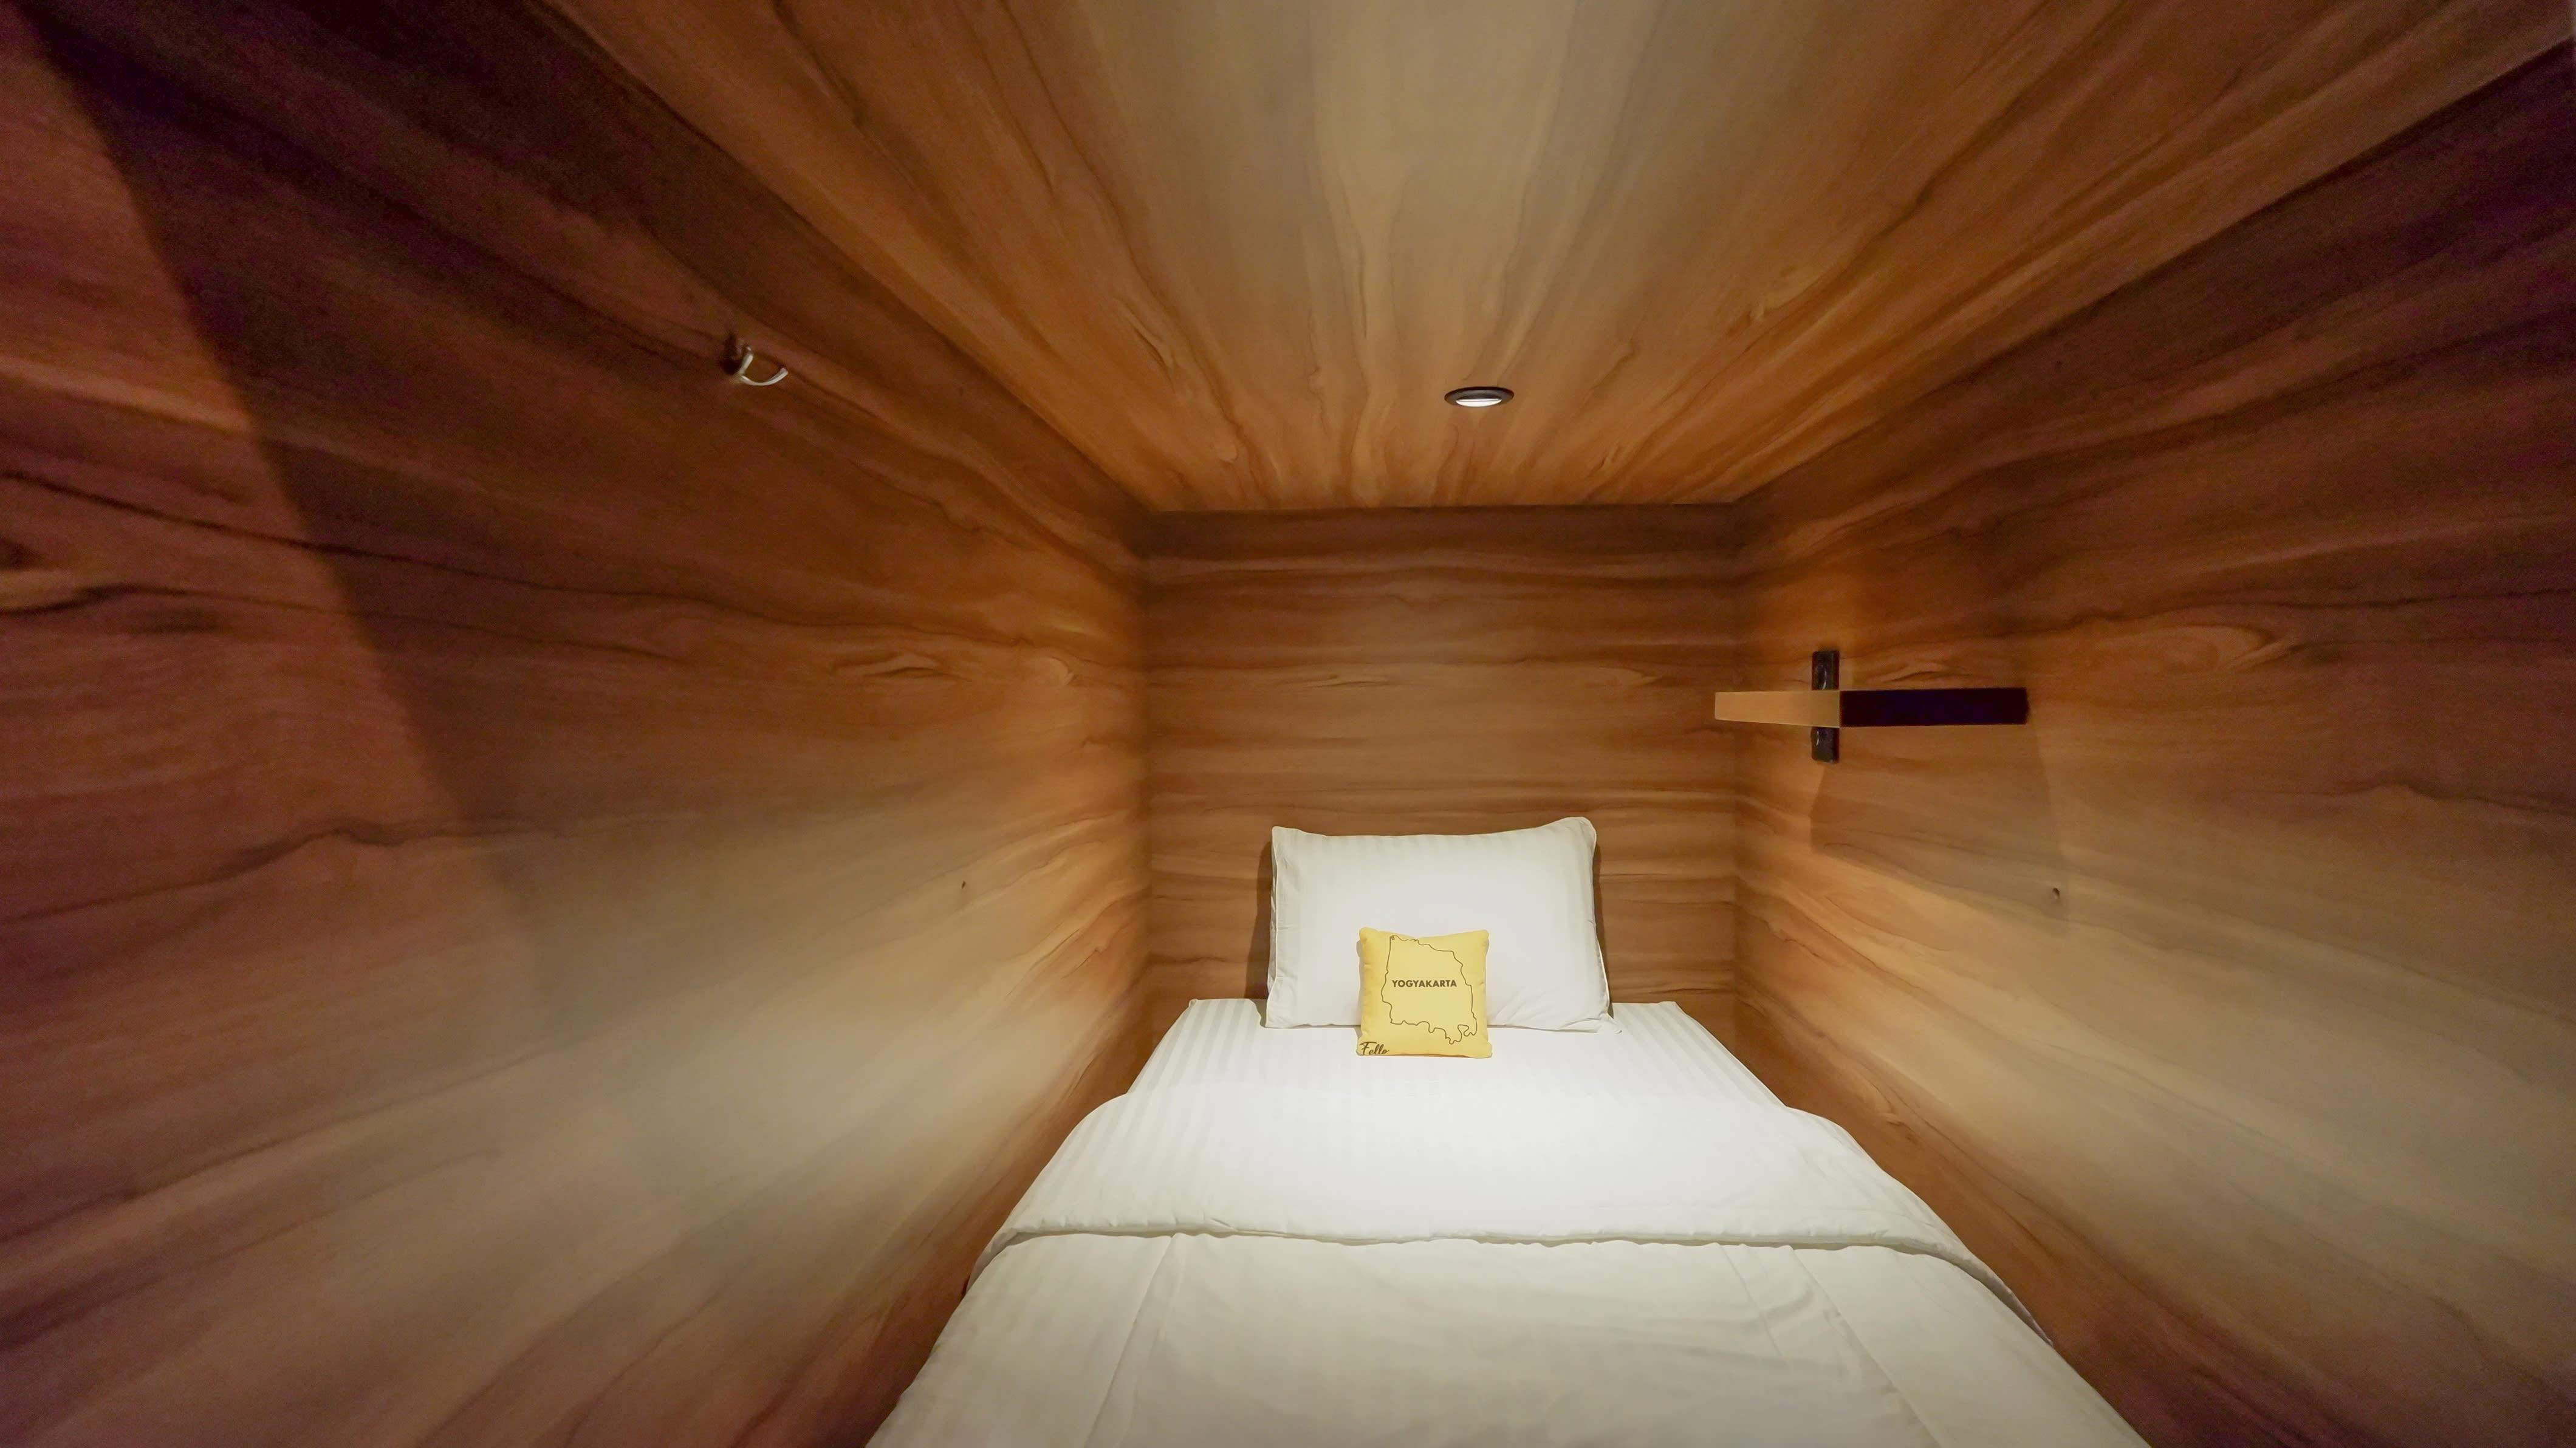 HOSTEL - Fello Bed and Breakfast Hostel